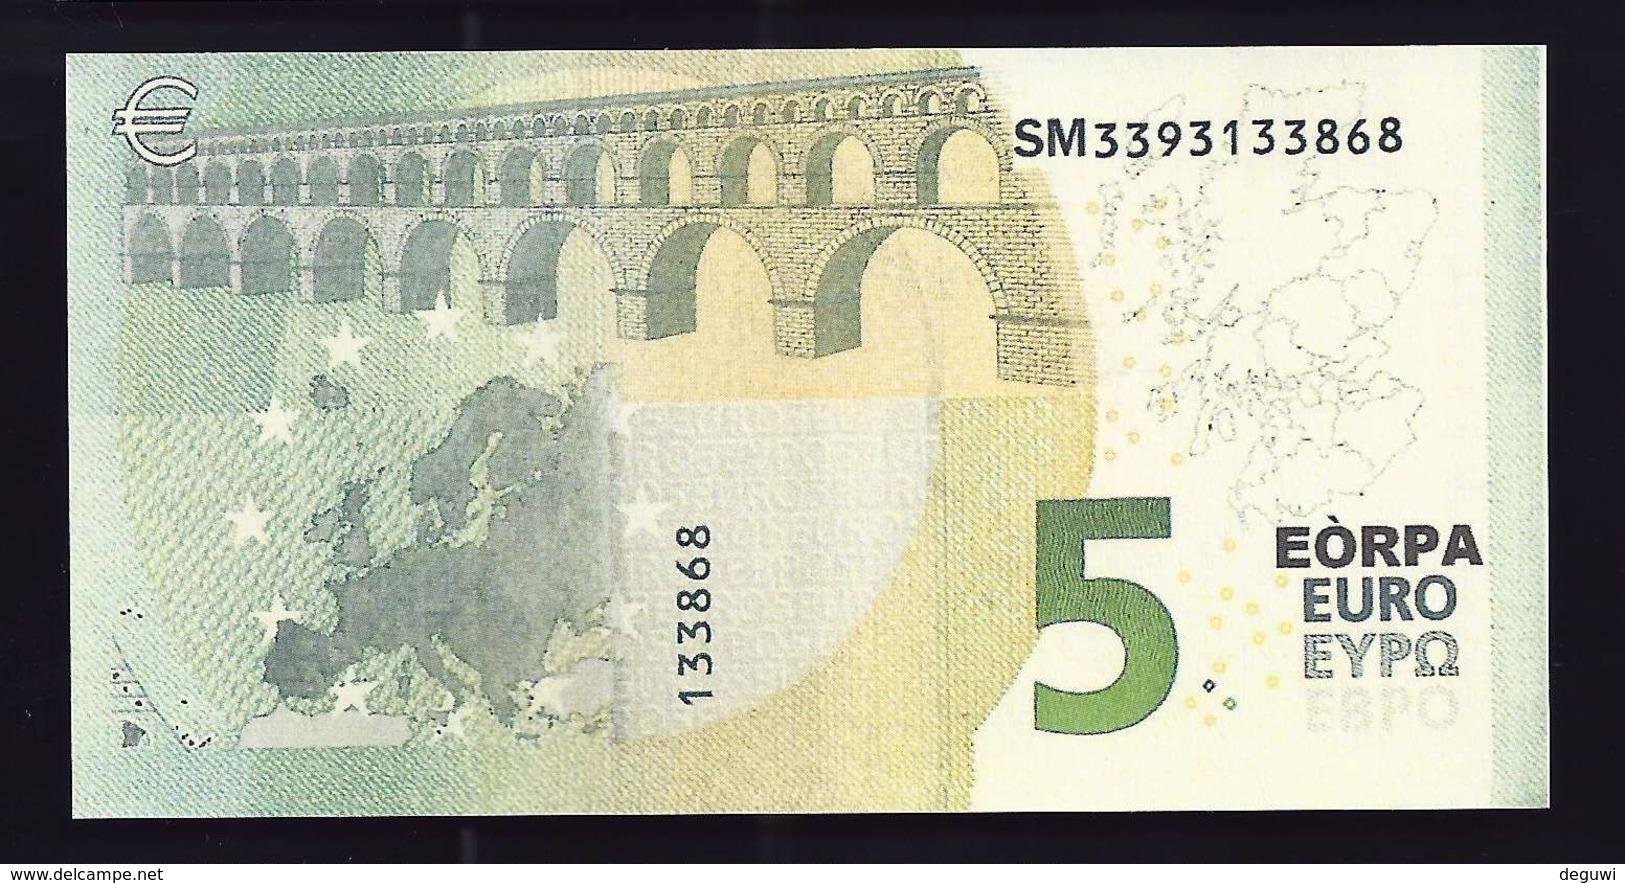 Test Note, Schottland  5 EURO, Testnote, Beids. Druck, RRRR, UNC, 120 X 62 Mm, Trial, Design-Studie - EURO